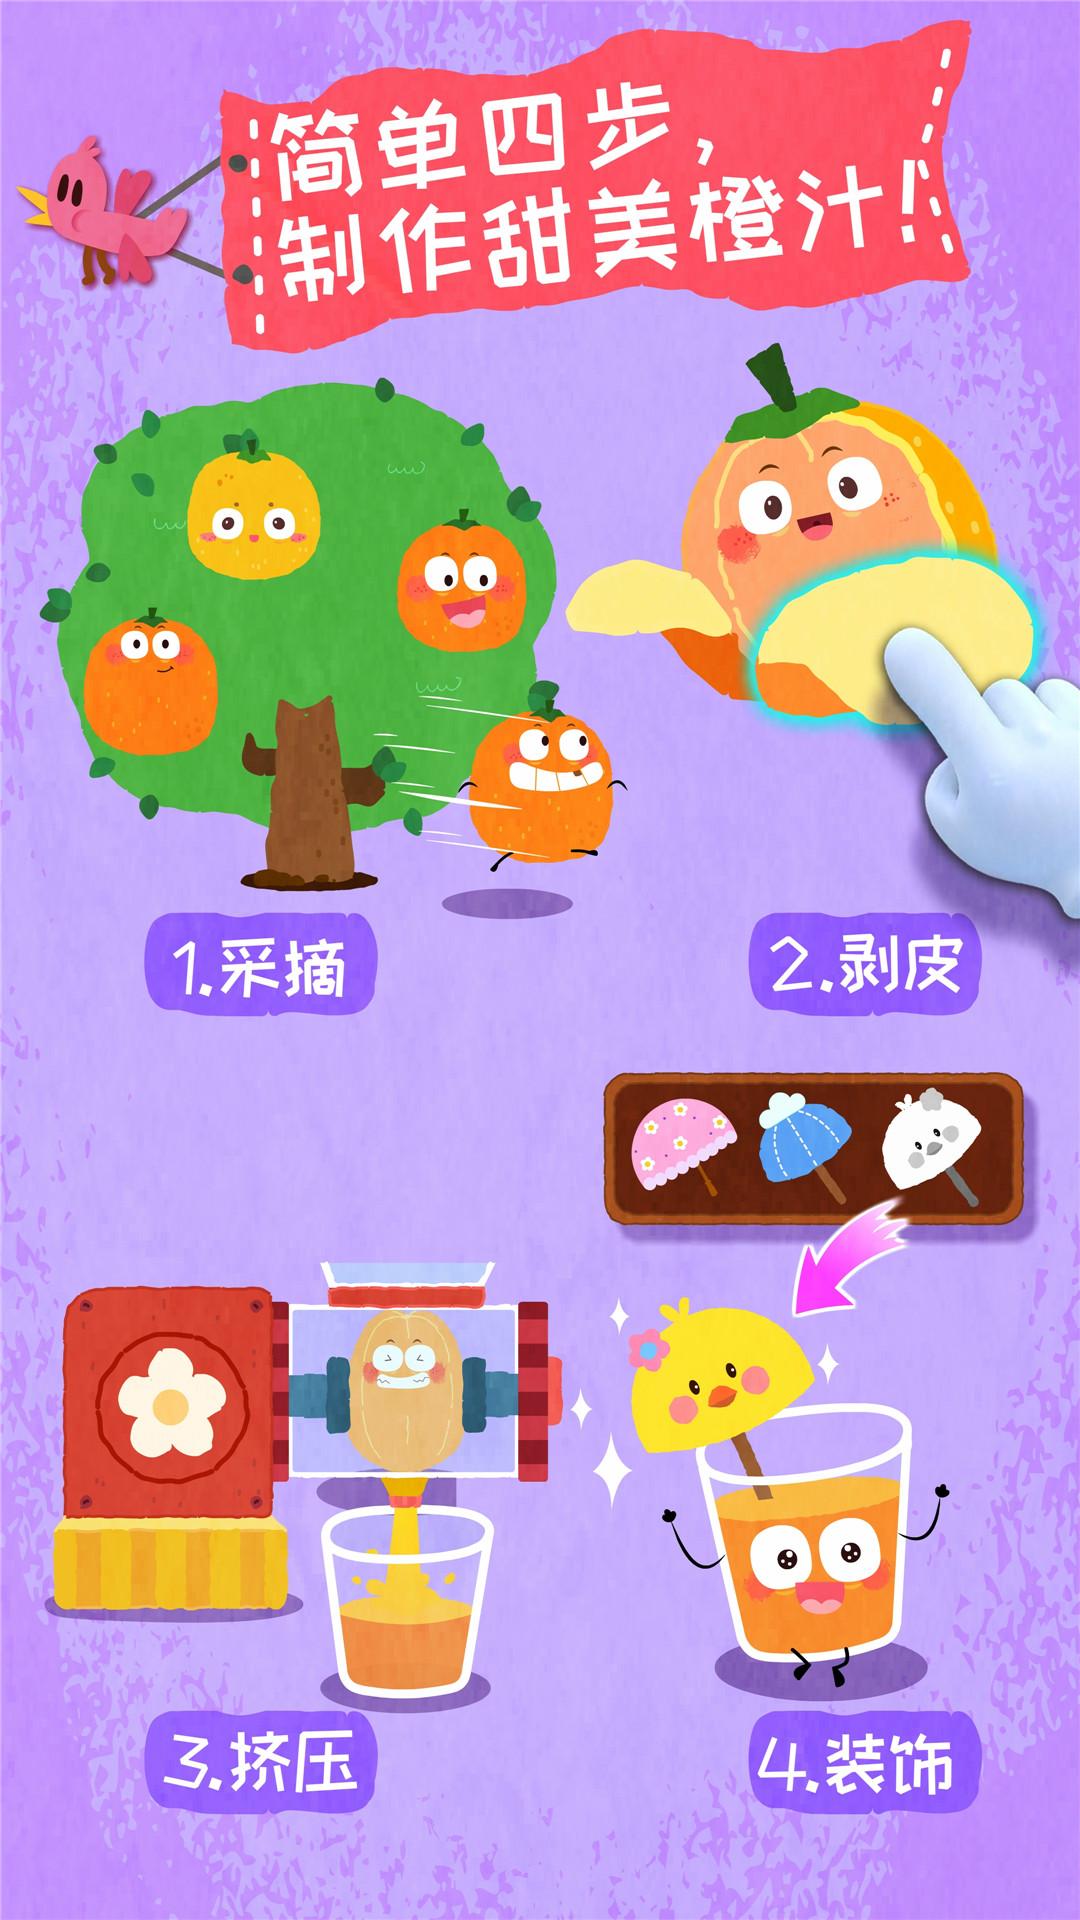 宝宝爱水果蔬菜 V9.34.10.00 安卓版截图3